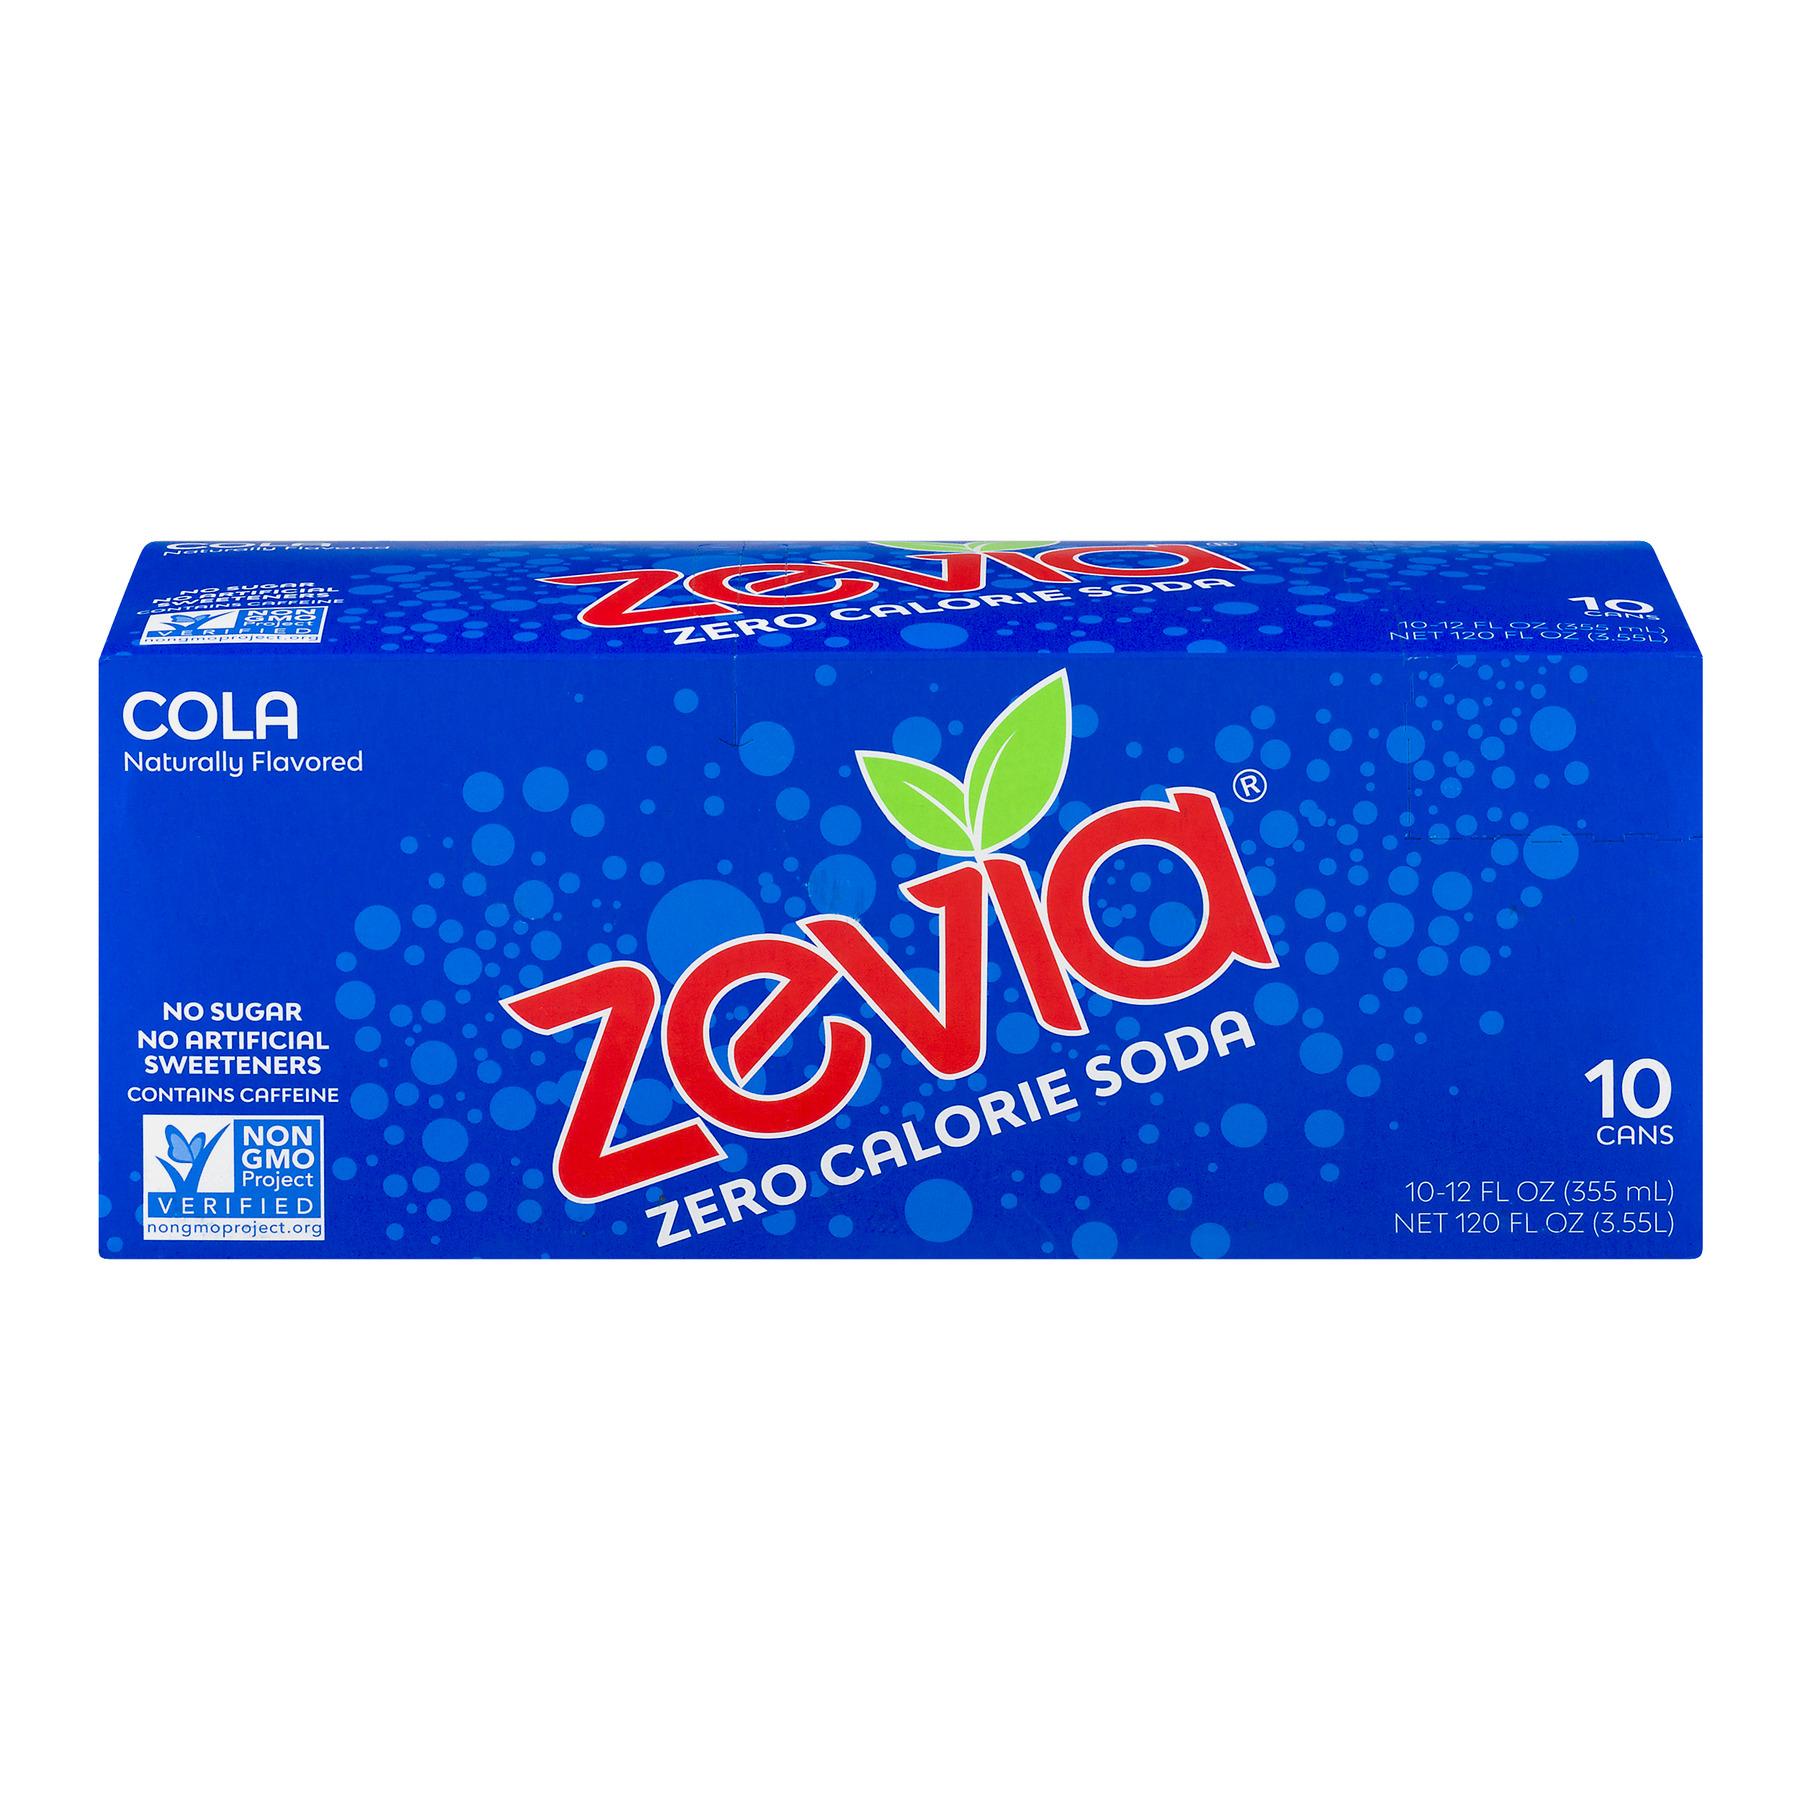 Zevia Zero Calorie Soda Cola - 10 CT